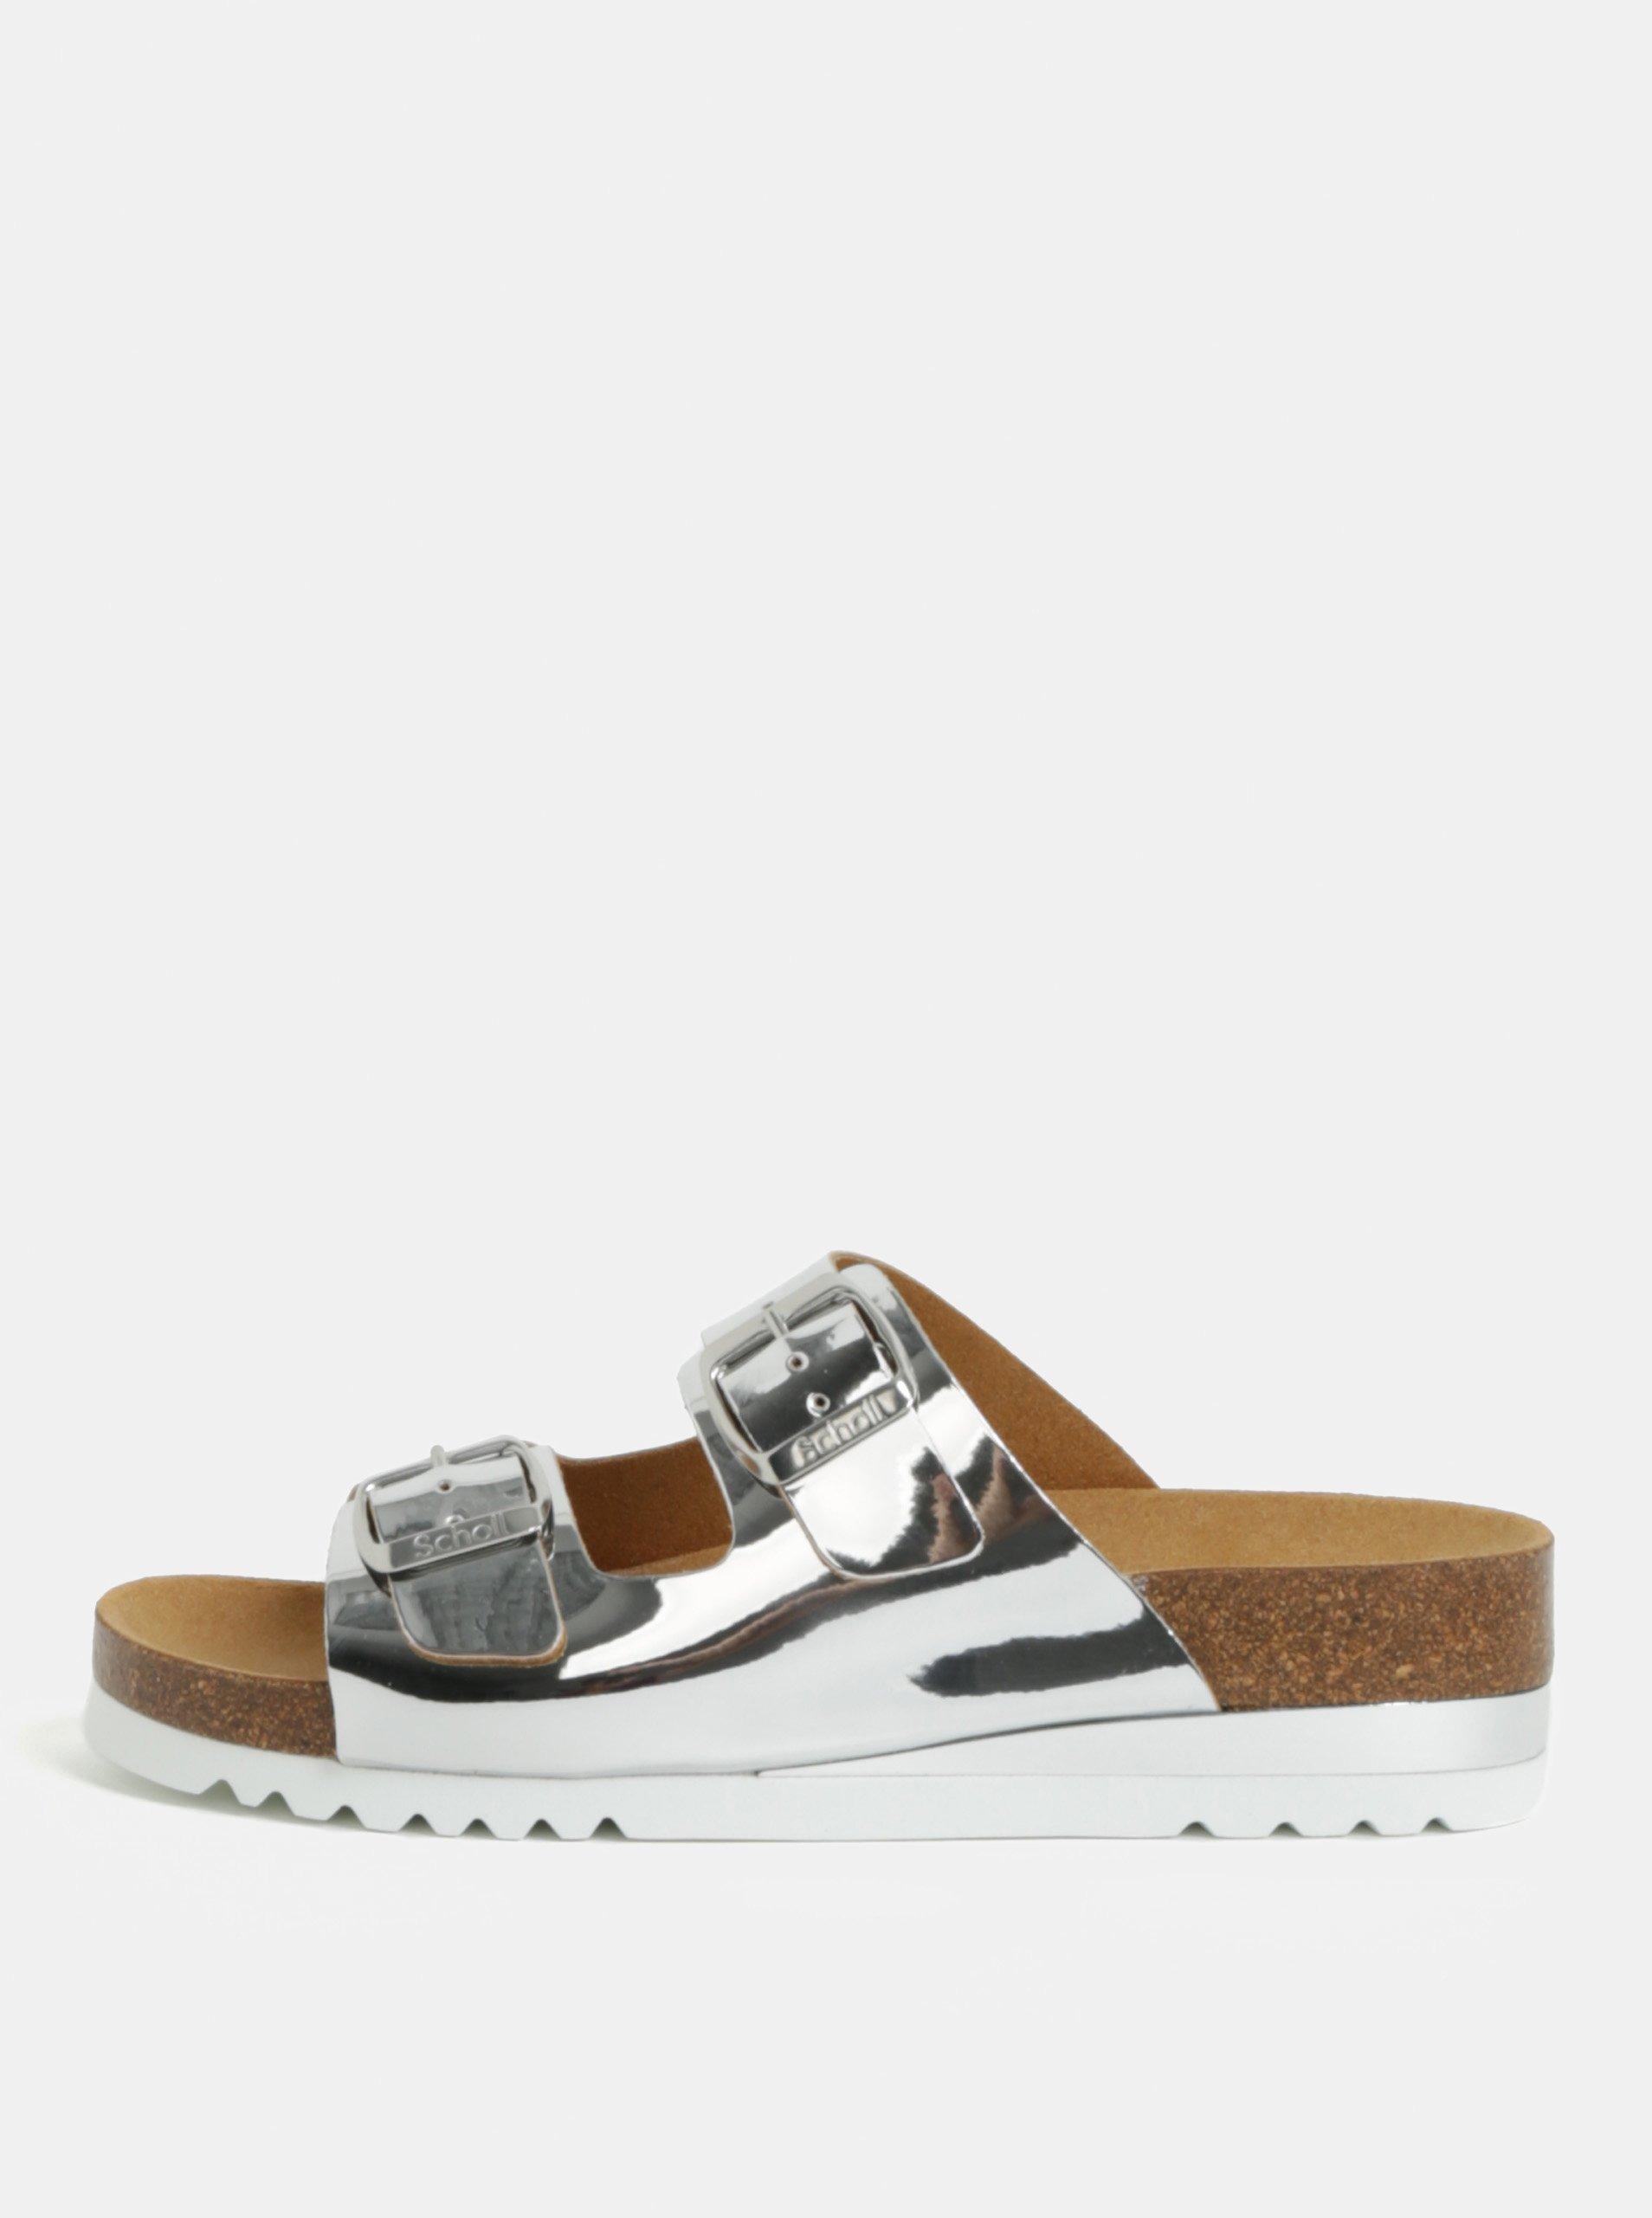 e585dd96b0 Dámské zdravotní pantofle ve stříbrné barvě Scholl Glam